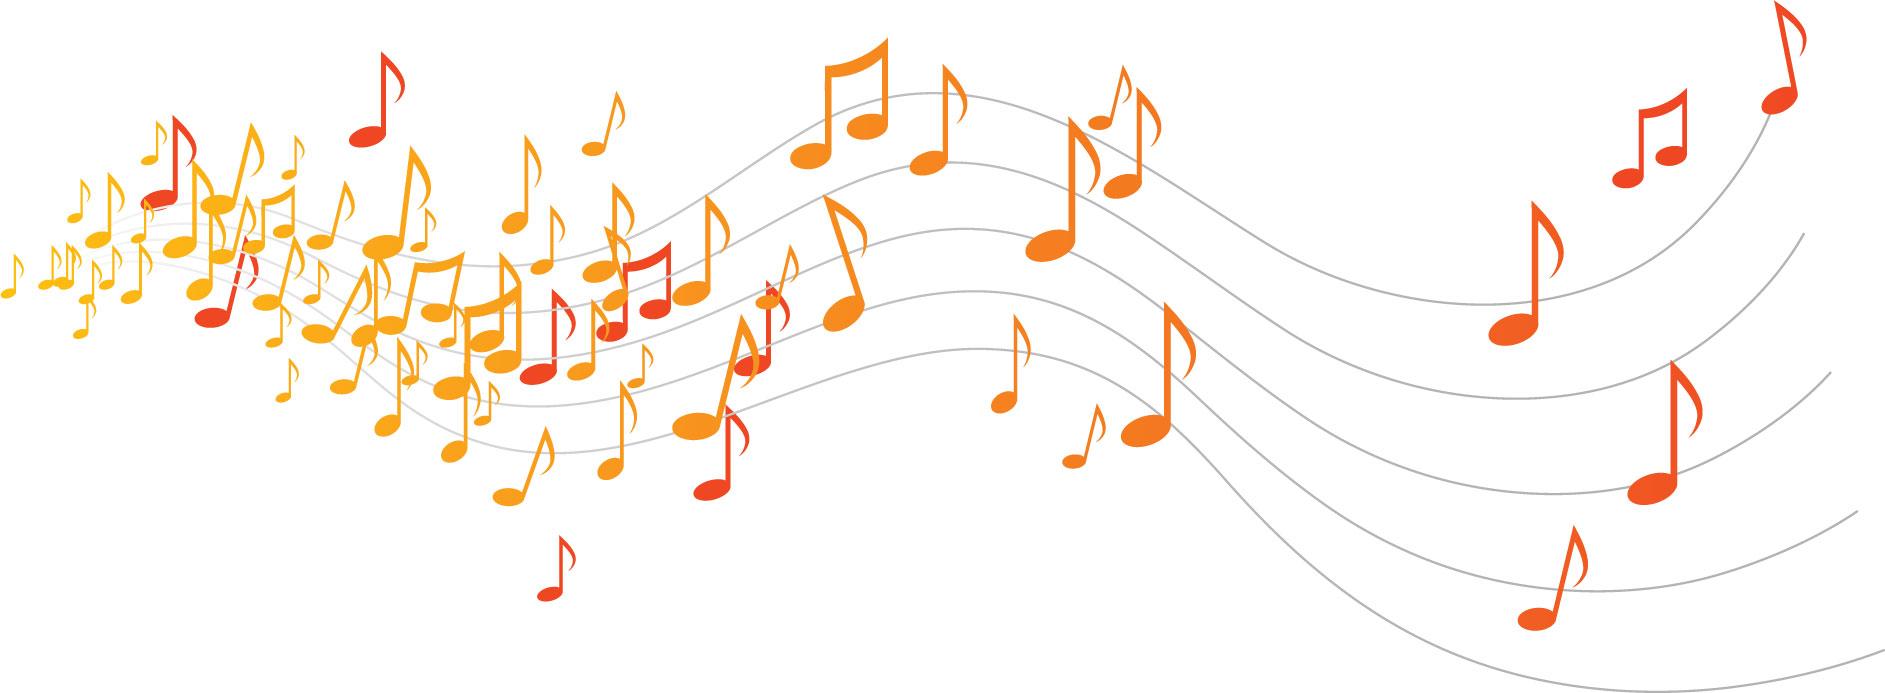 音符イラスト流れる音符 暖色 無料のフリー素材